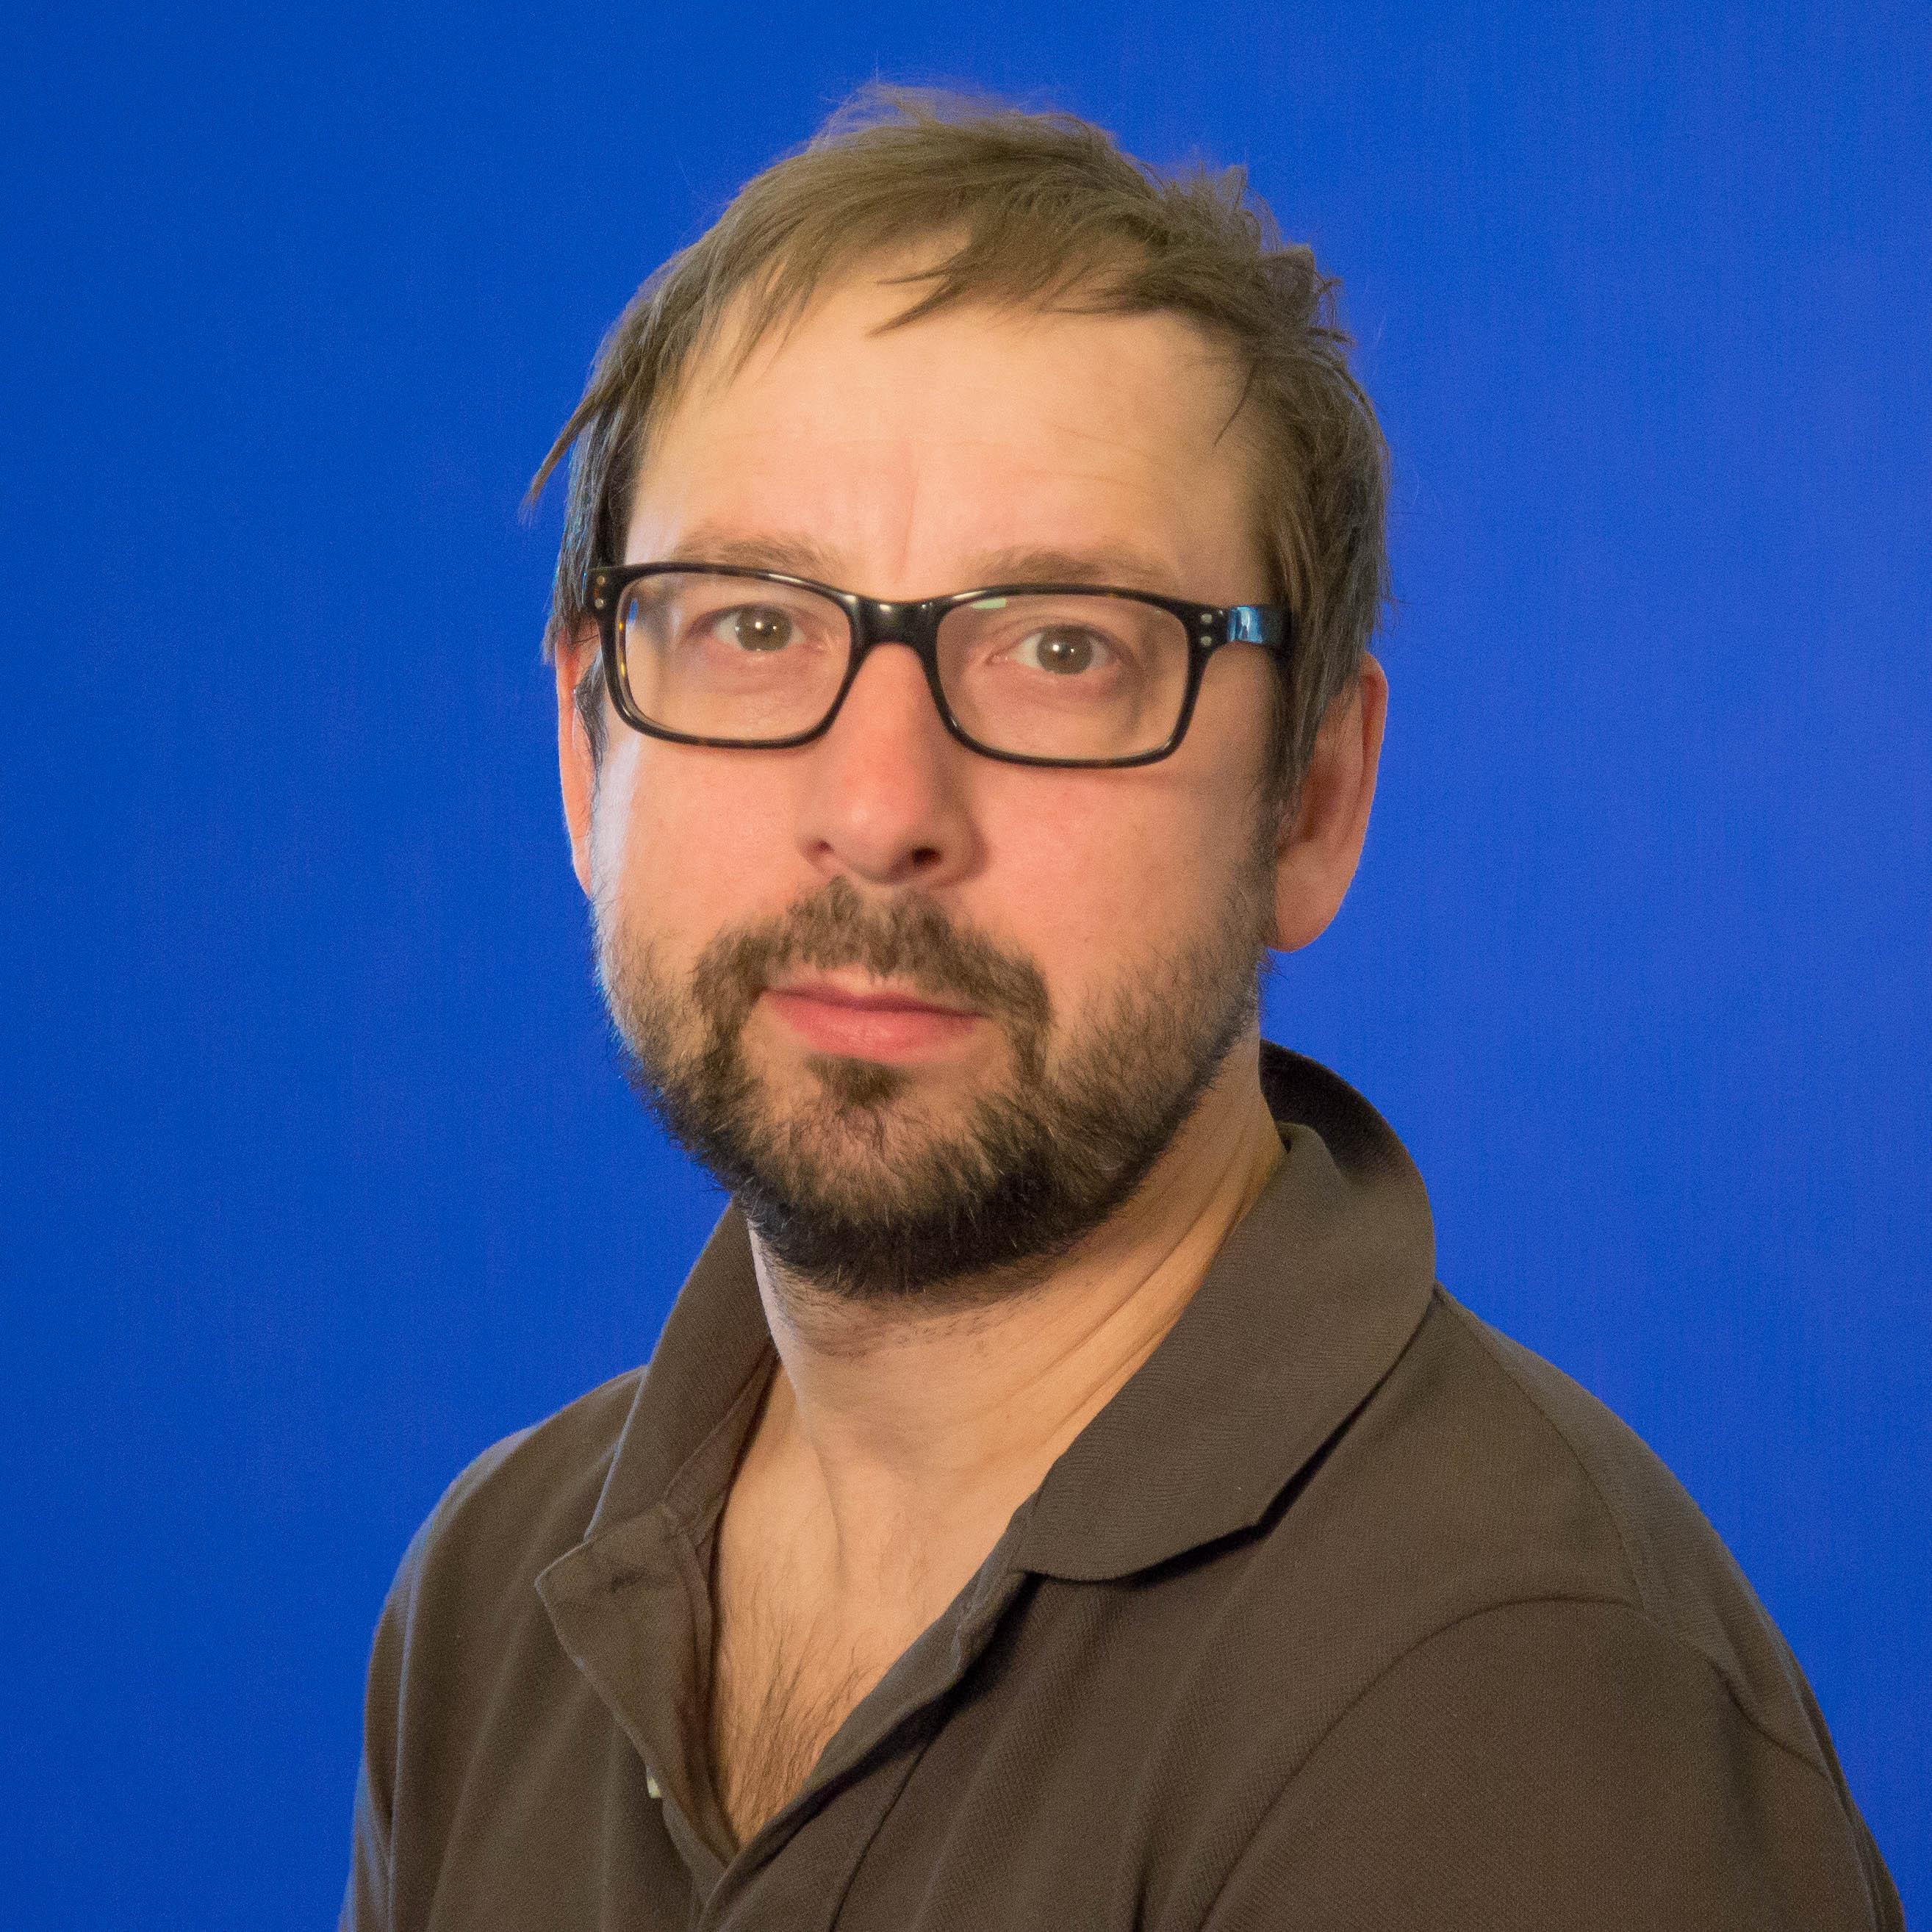 Christian Kluszczynski